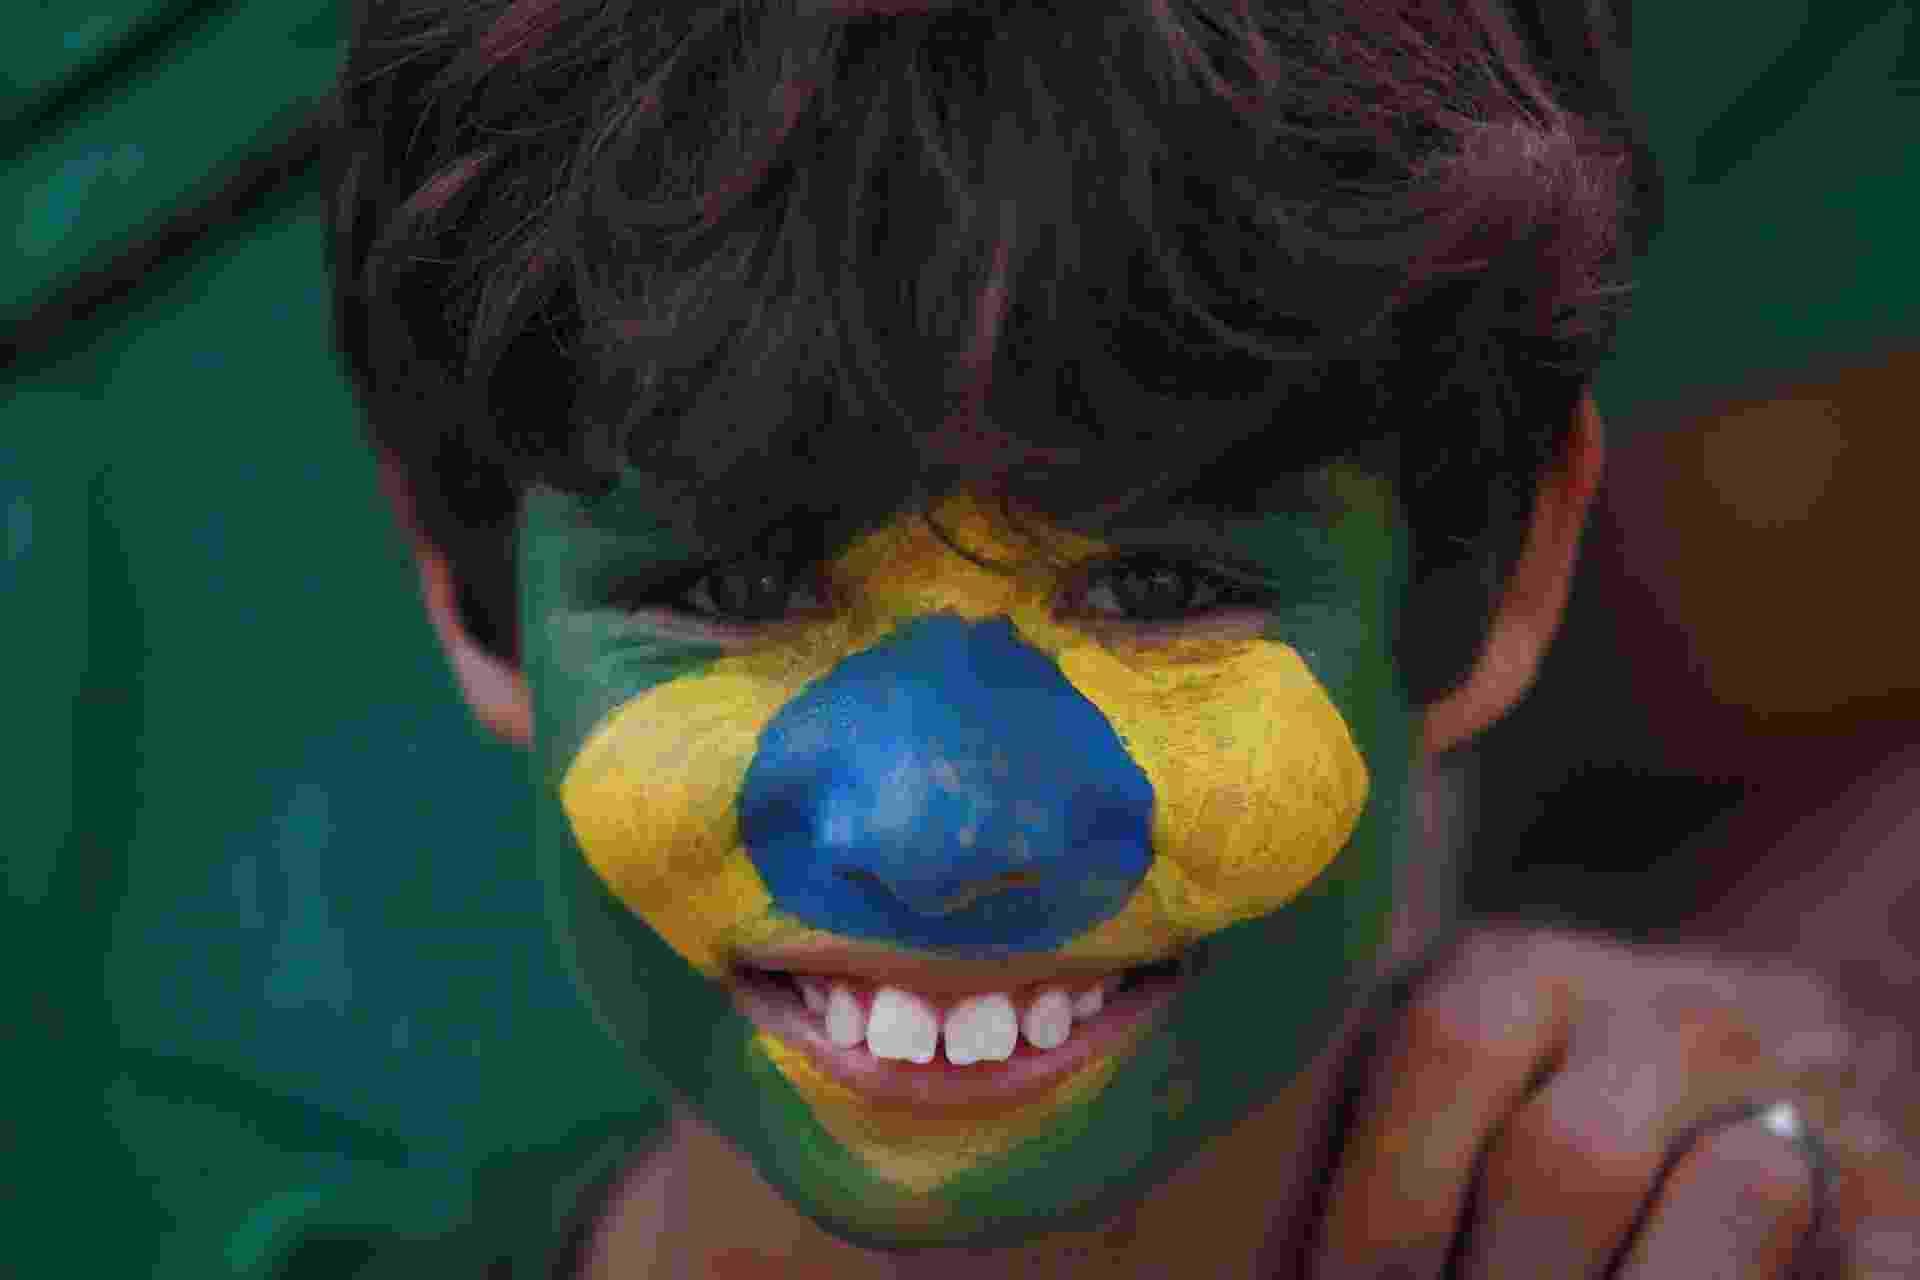 4.dez.2016 - Garoto com a bandeira do Brasil pintada no rosto participa de protesto a favor da Lava Jato no Farol da Barra, em Salvador - Raul Spinassé/Agência A Tarde/Estadão Conteúdo